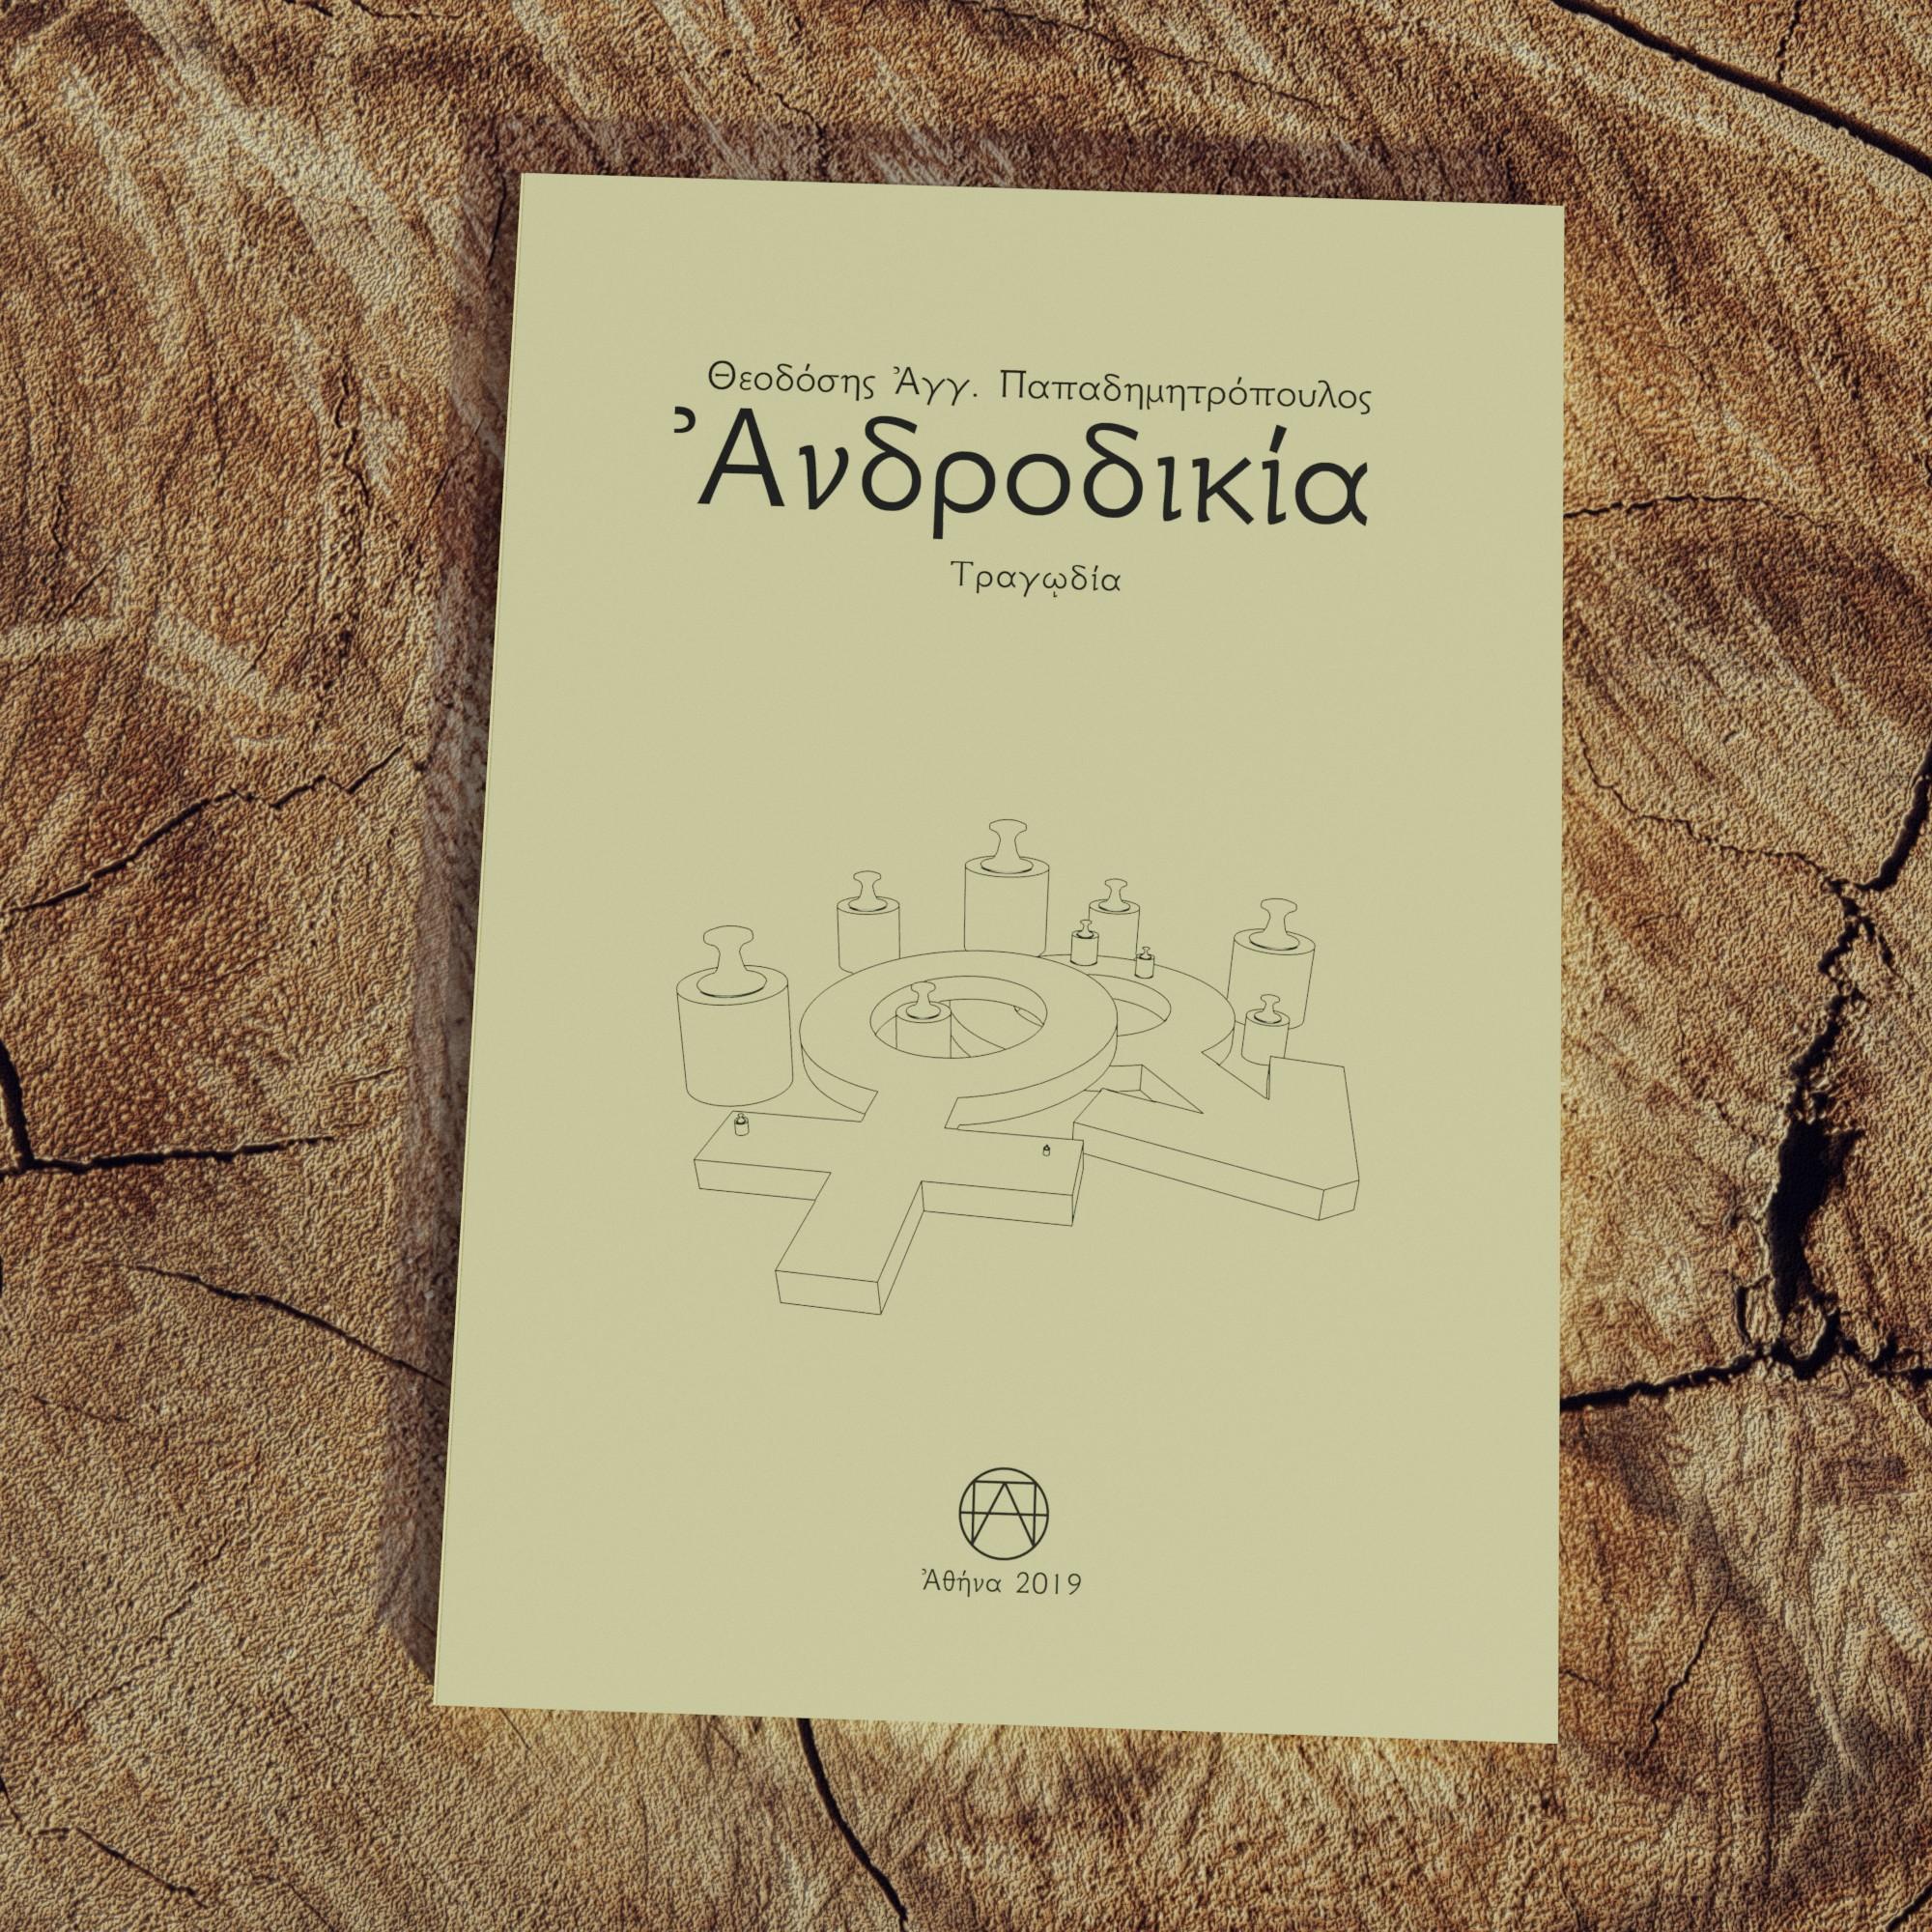 ἀνδροδικία-θεοδόσης-ἀγγ-παπαδημητρόπουλος